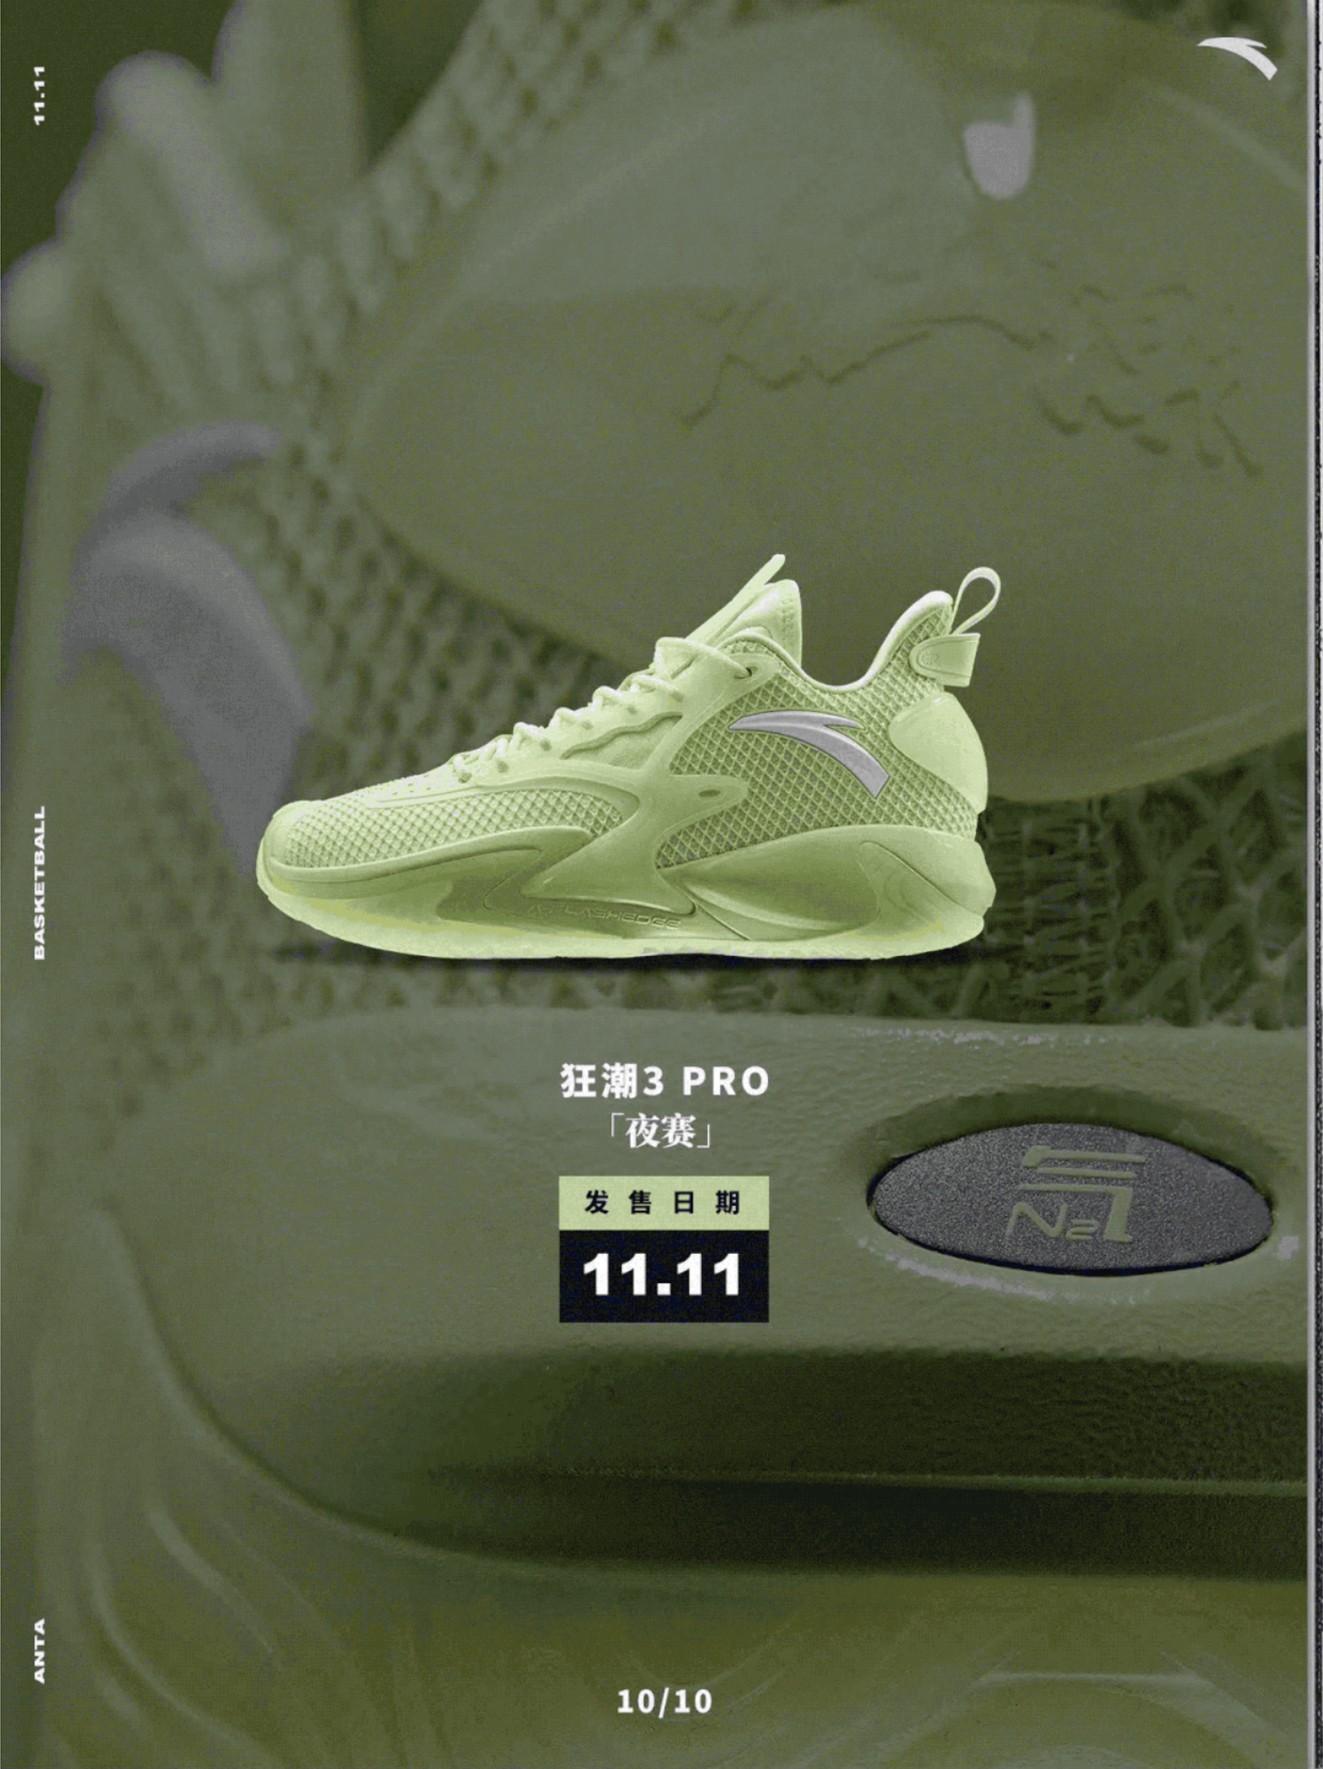 安踏,KT6,KT7,KT1,水花 3,发售  十款重磅新鞋!安踏近期新品集中曝光!KT1 升级回归!